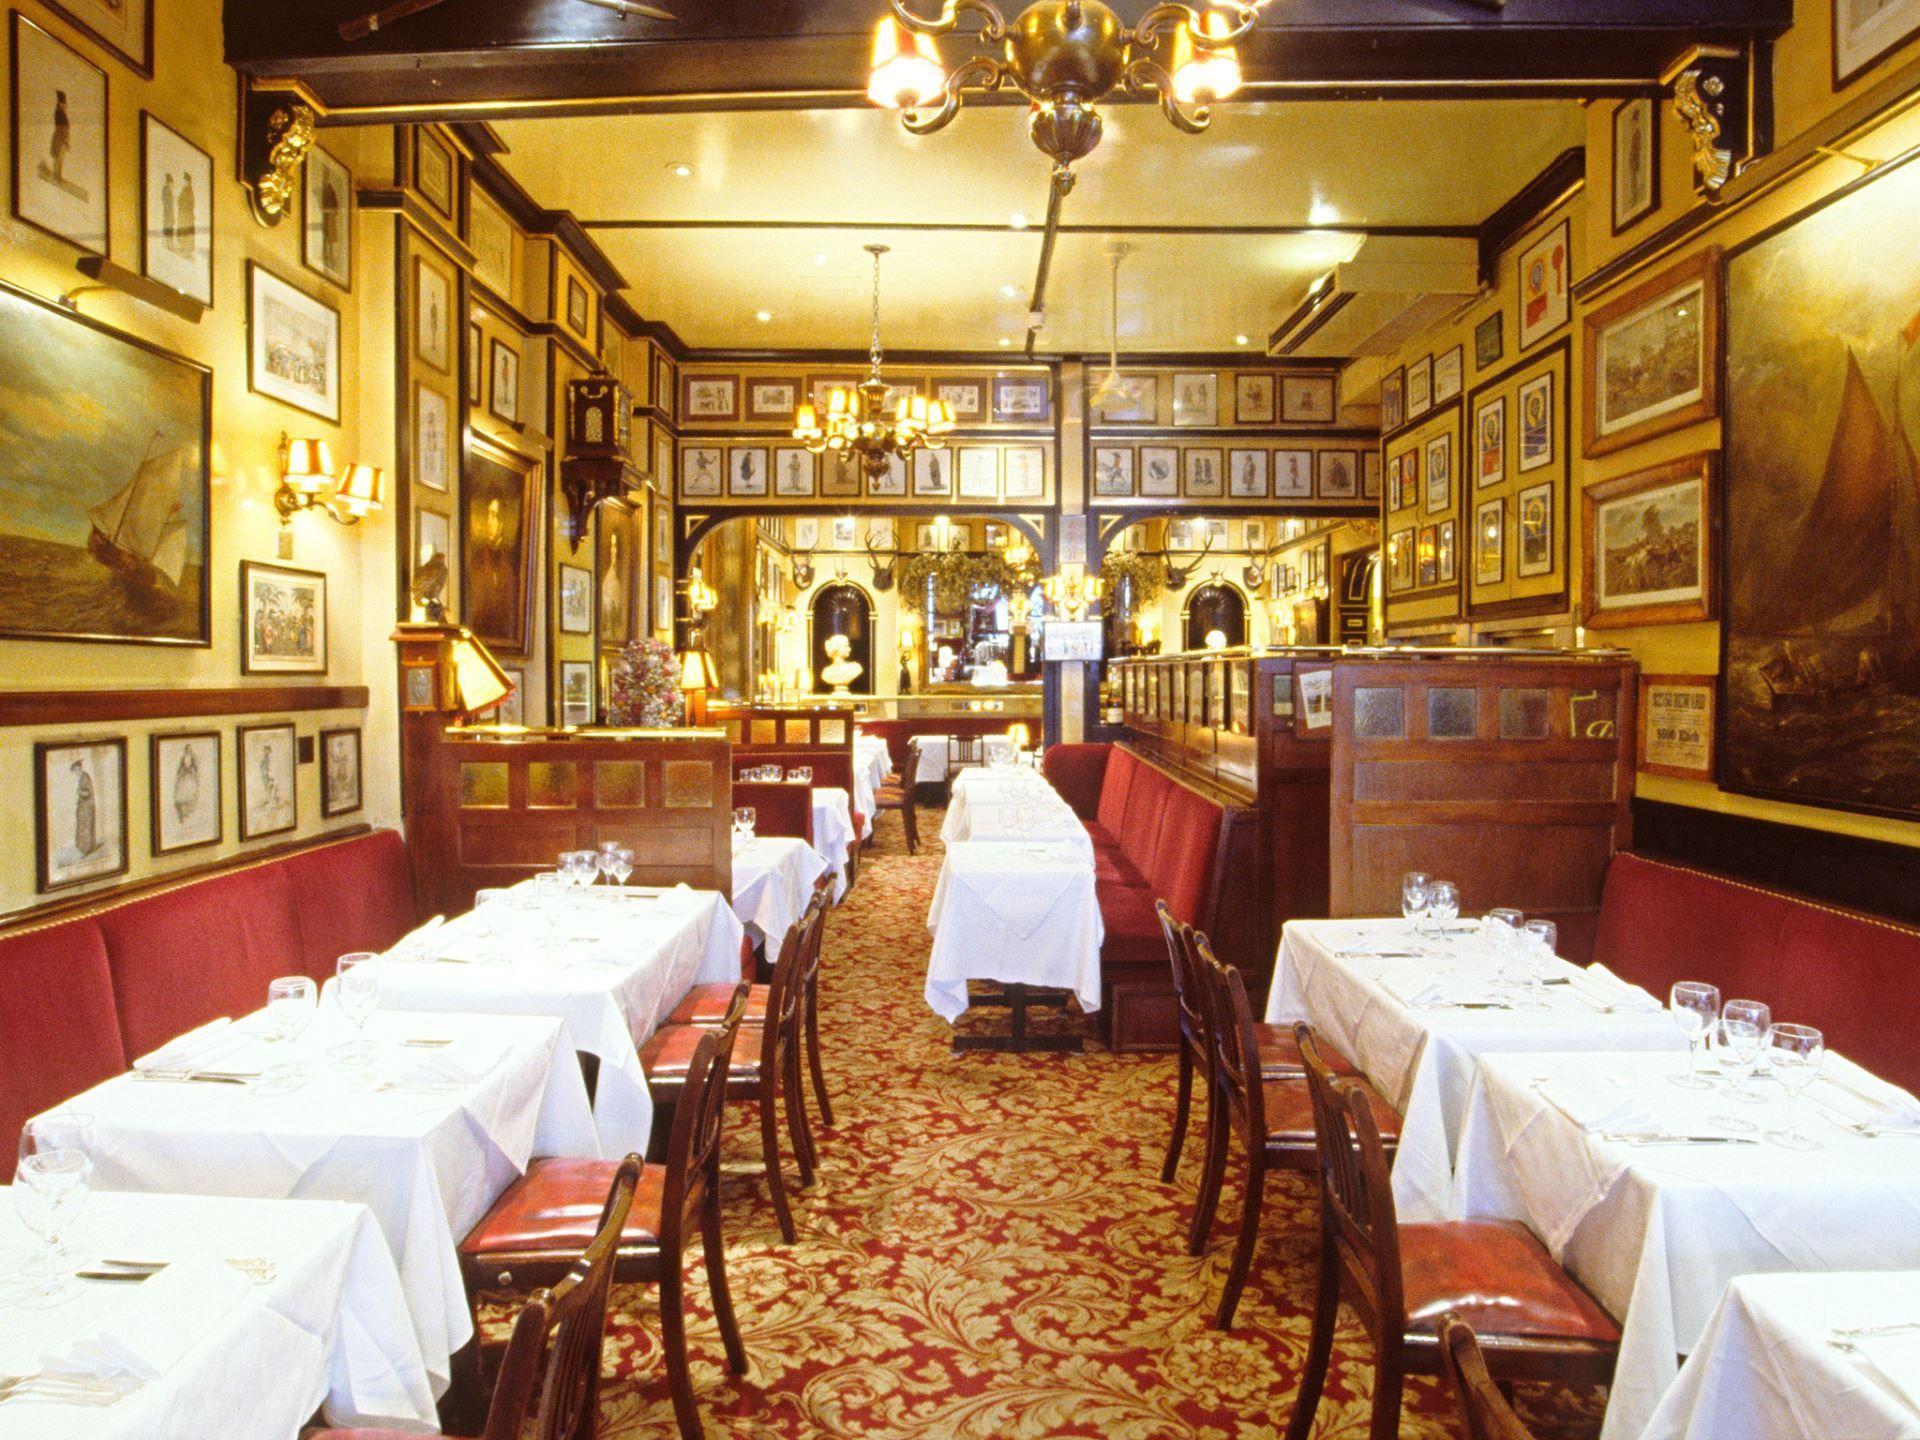 The Oldest Restaurants in the World Restaurant, London